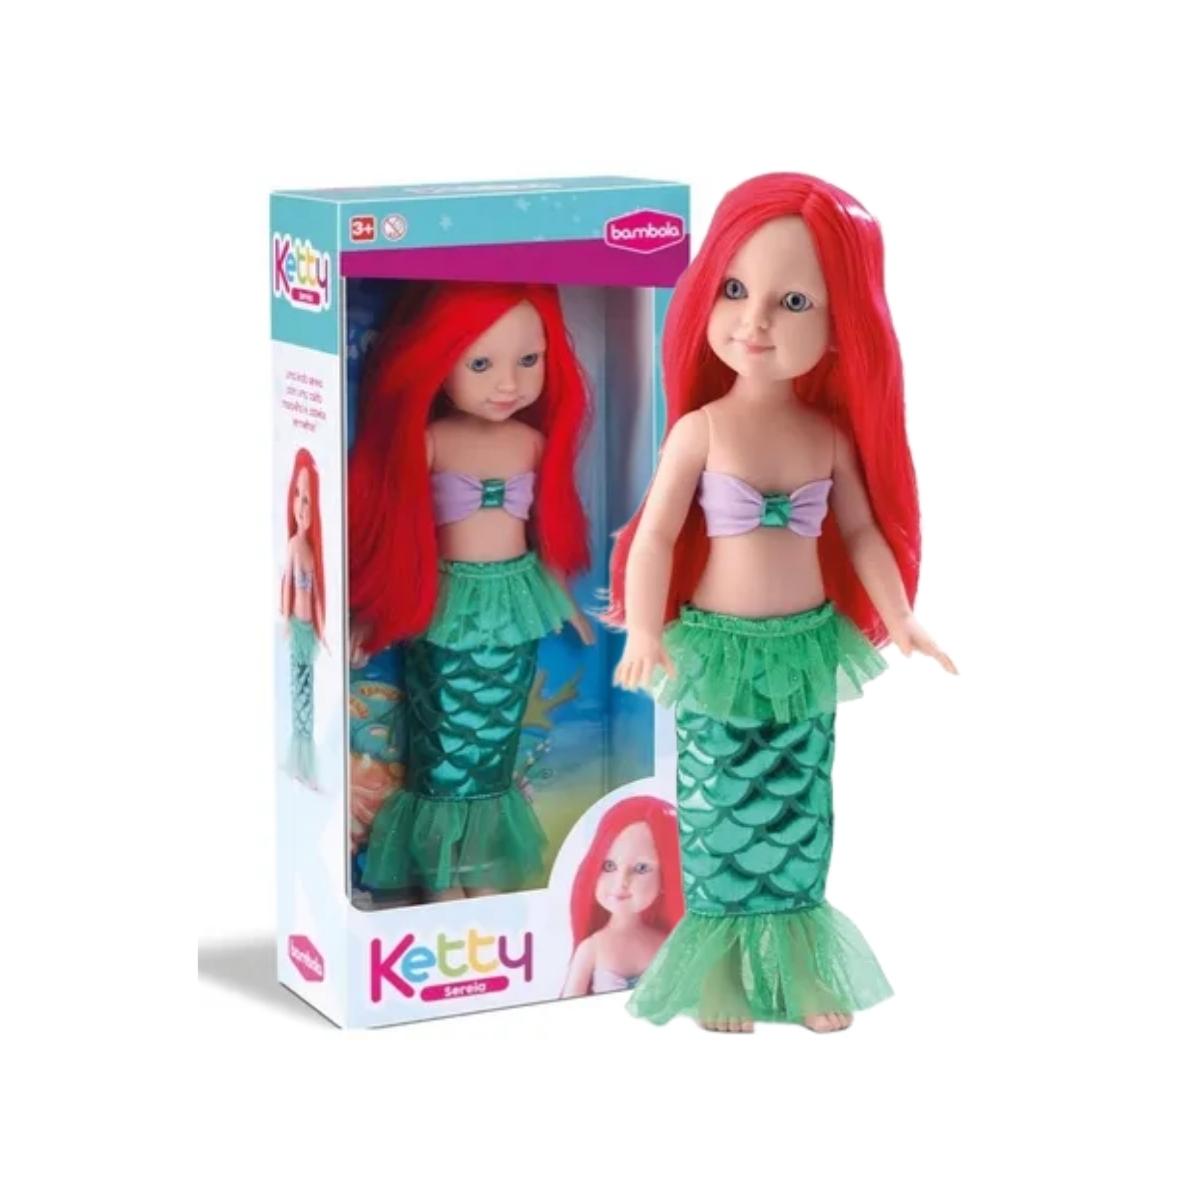 Brinquedo Boneca Ketty Sereia Bambola 679 + 3 Anos